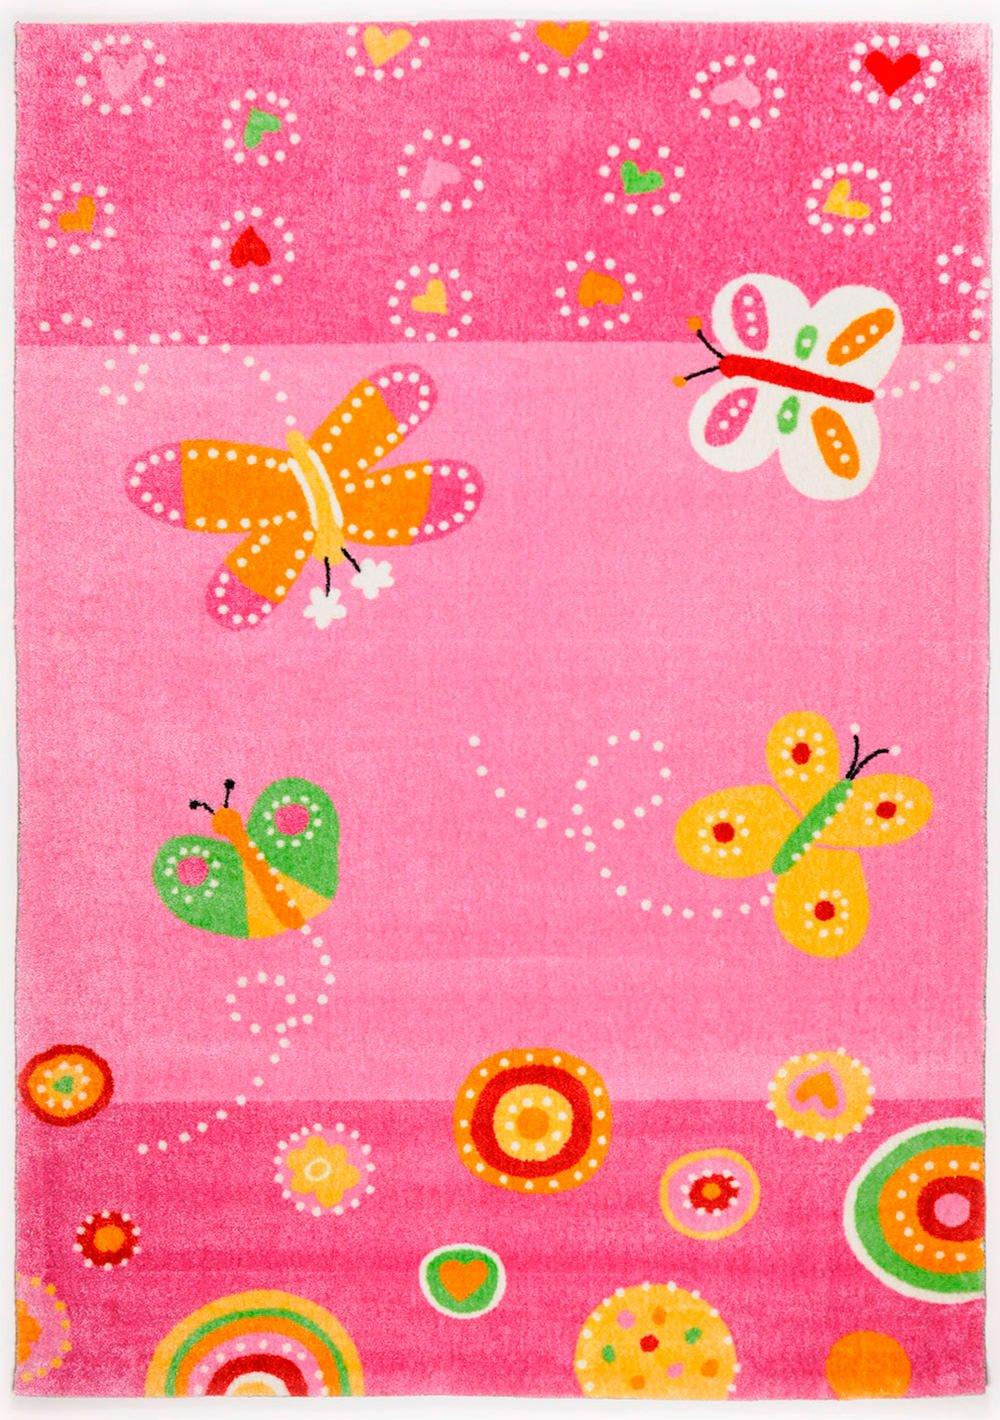 Kinderteppich Mamba in Rosa Teppichgröße: 170 x 240 cm jetzt kaufen